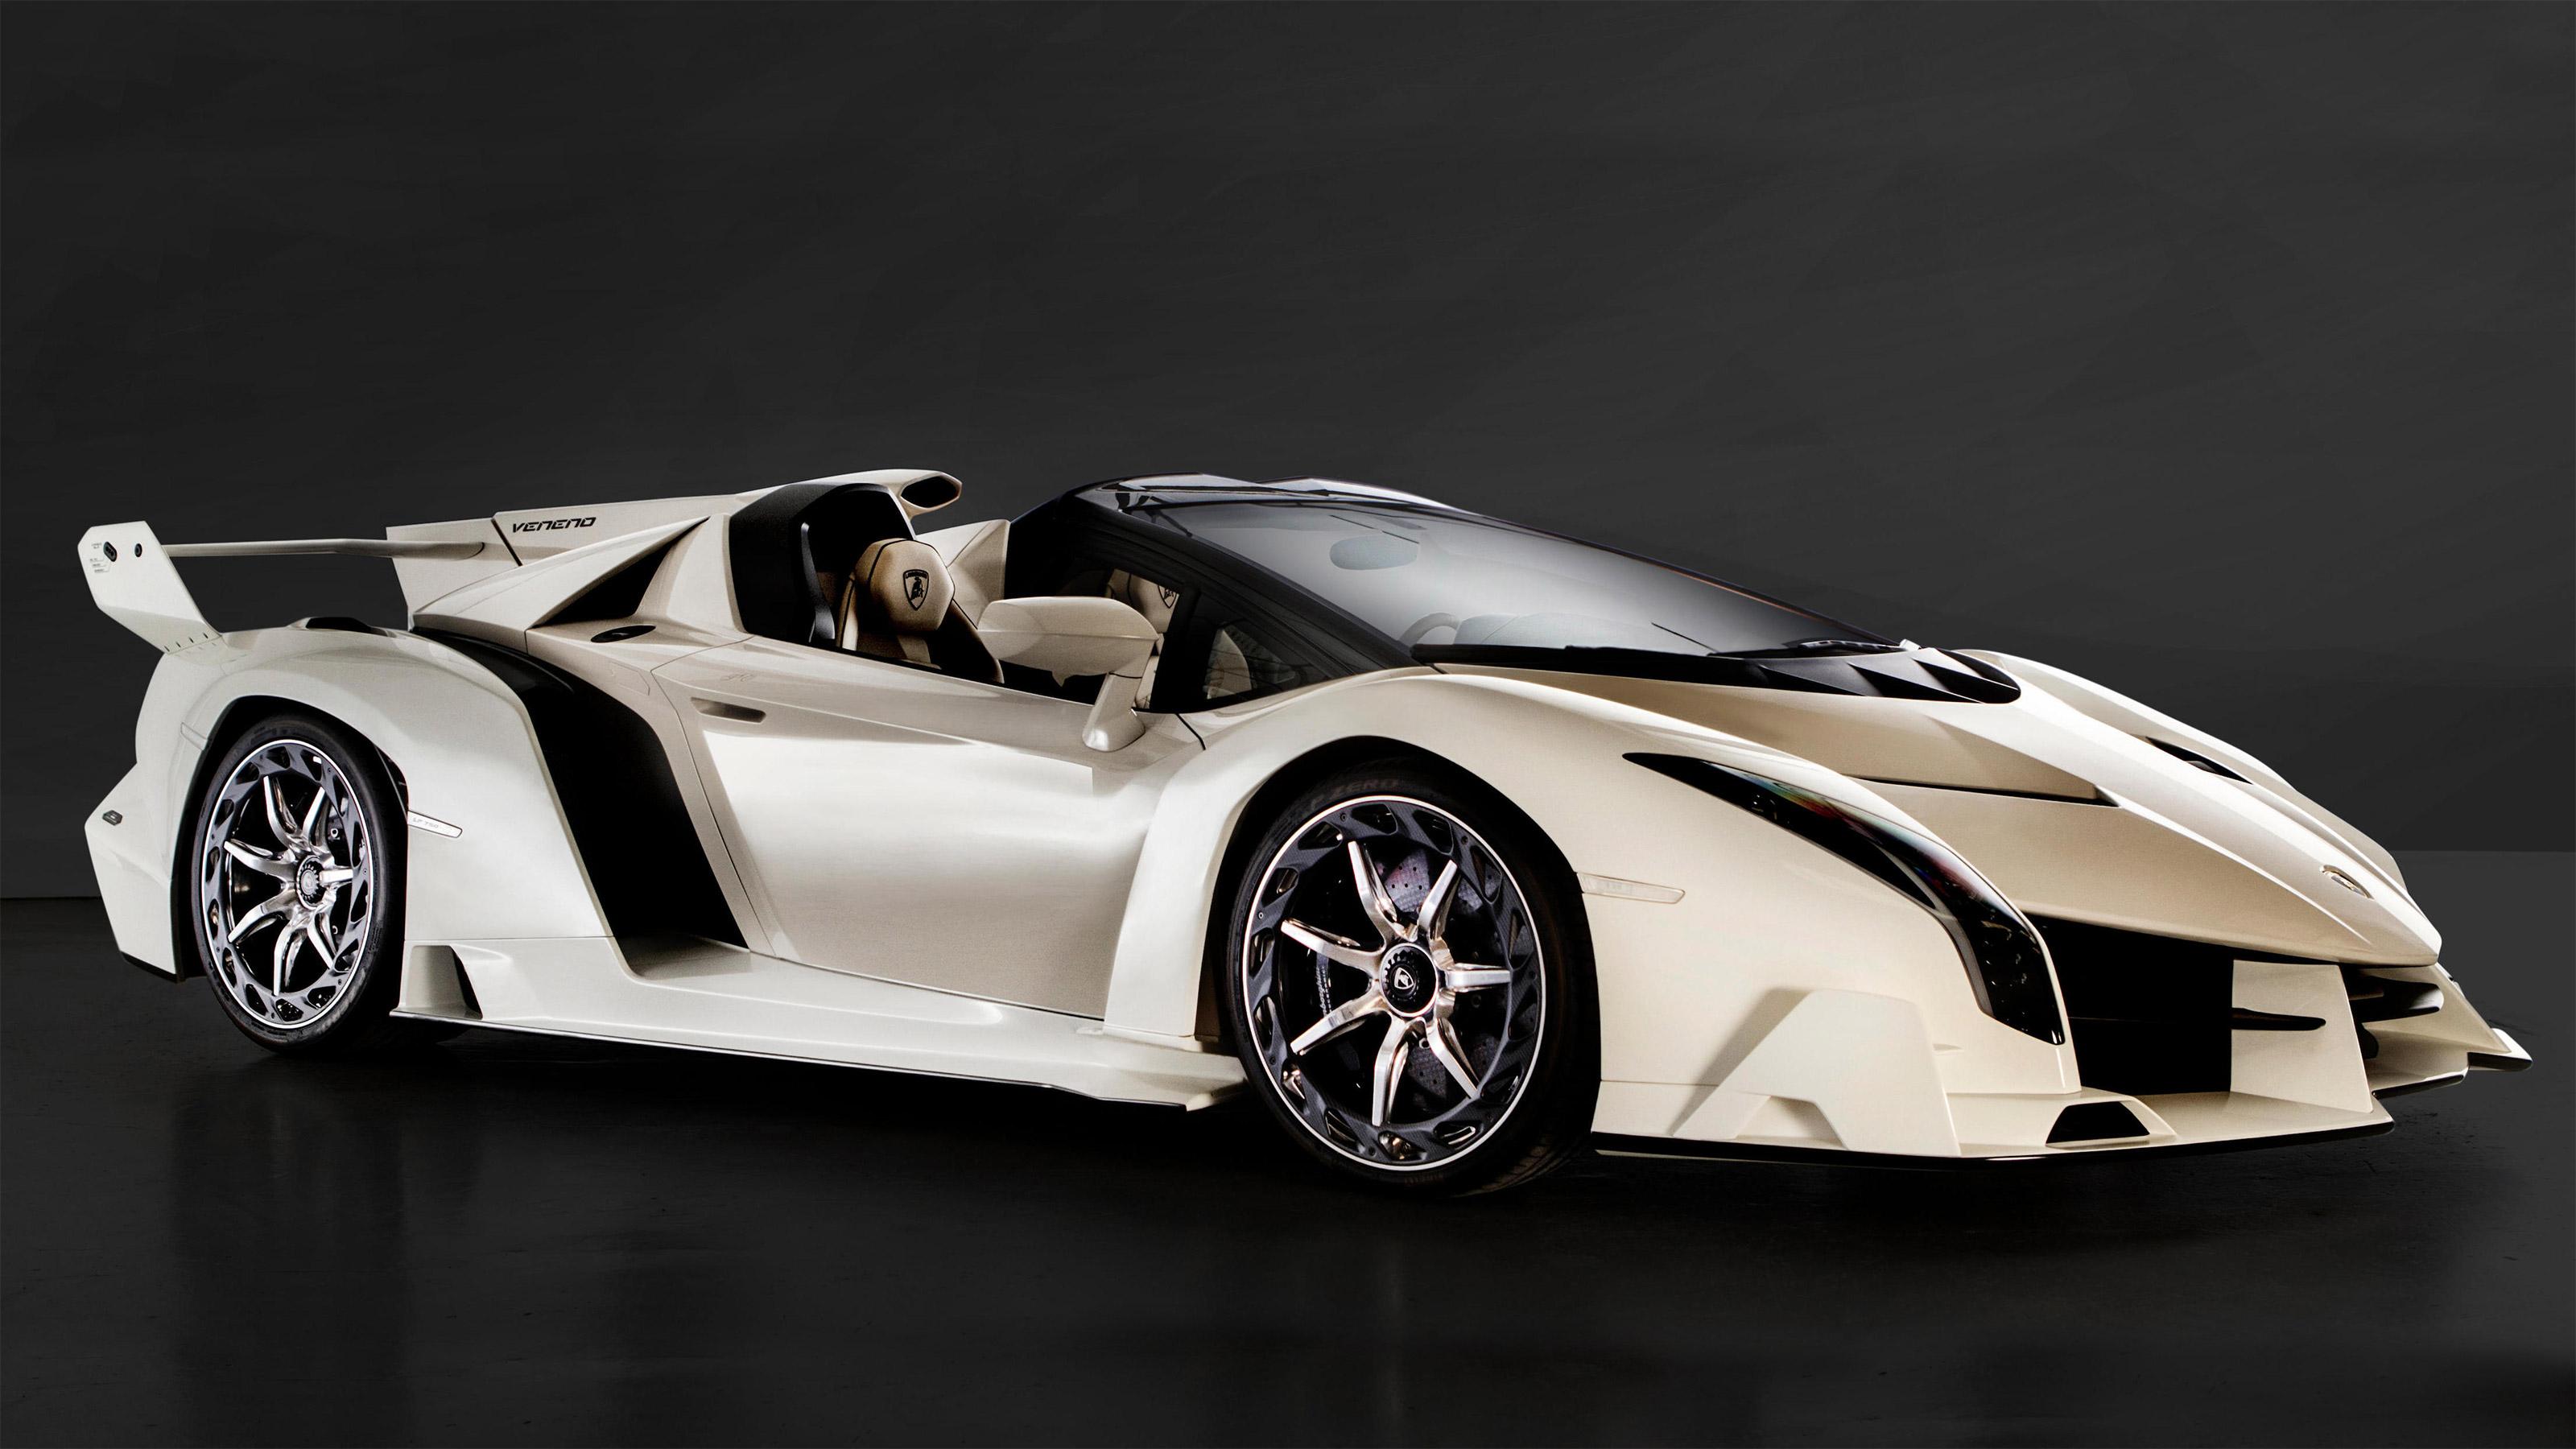 Lamborghini Veneno For Sale >> Bonhams Bonmont sale auction highlights - Lamborghini Veneno sells for £6.8m | Evo